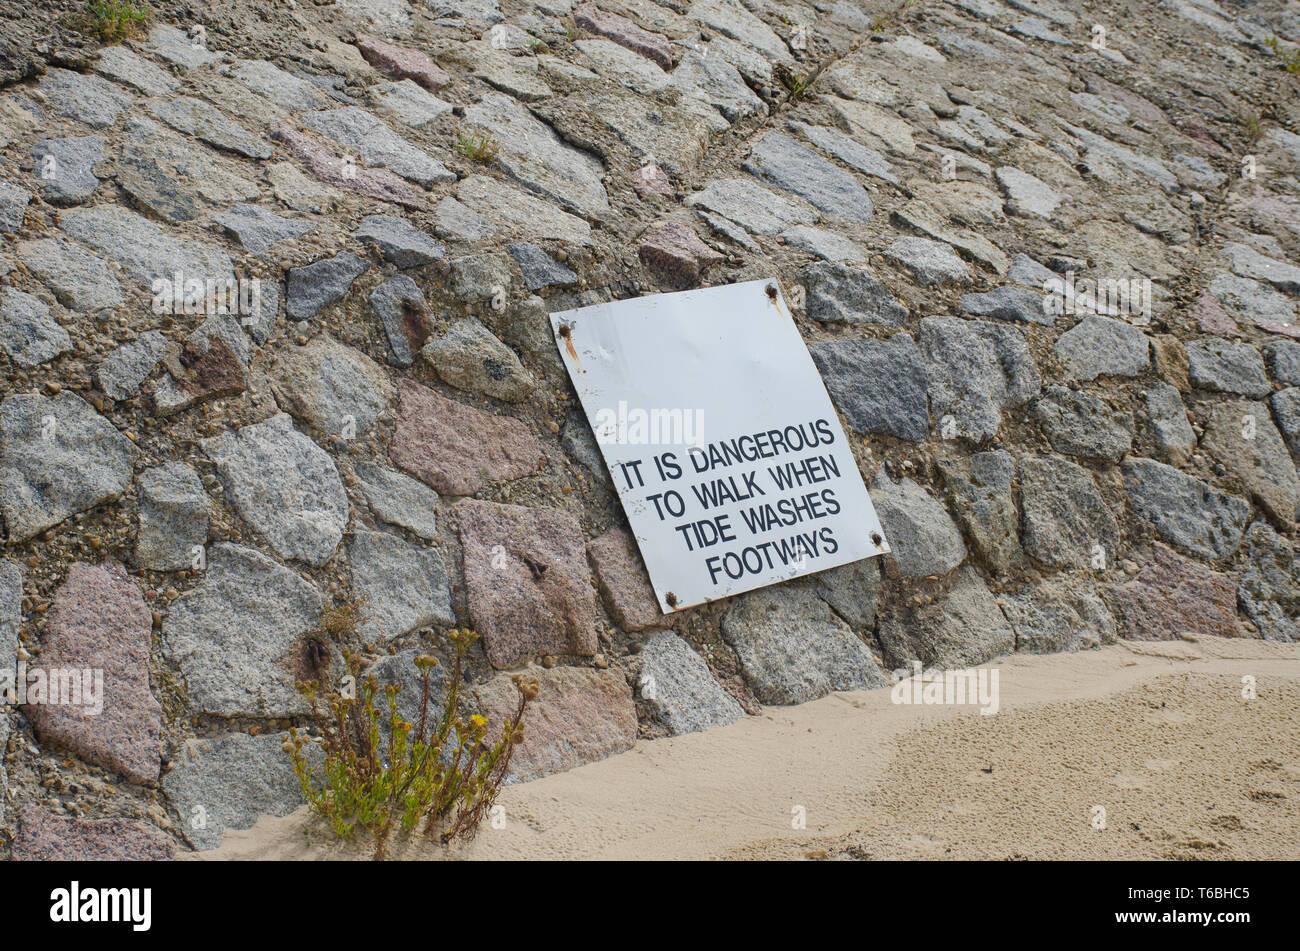 Señal de advertencia en la ruta afectada por la erosión costera Imagen De Stock